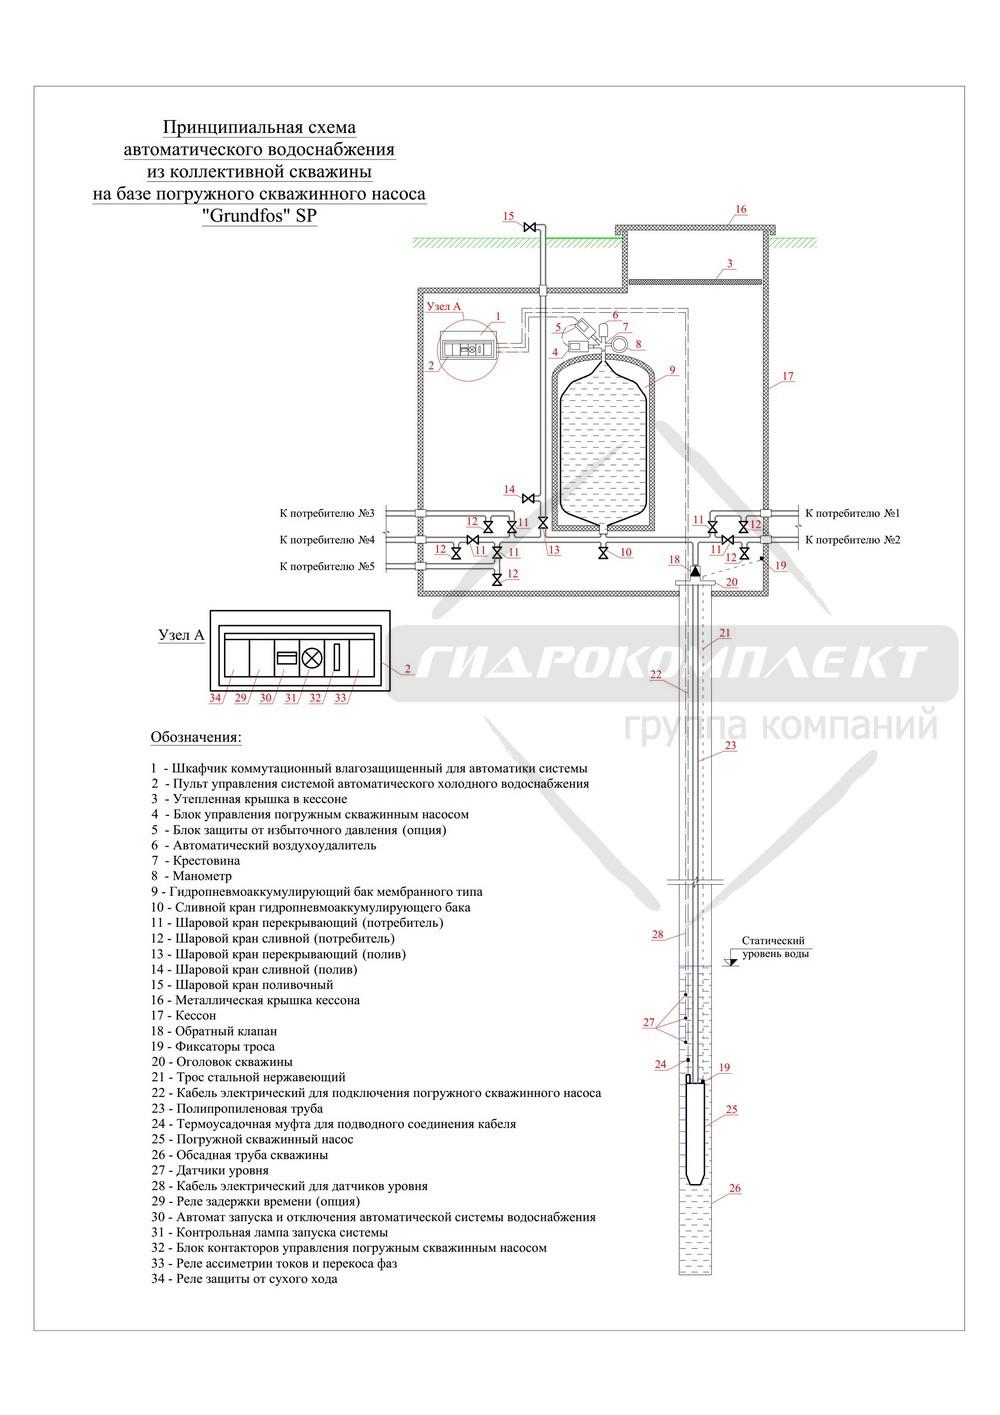 Схема сборки водопровода из скважины